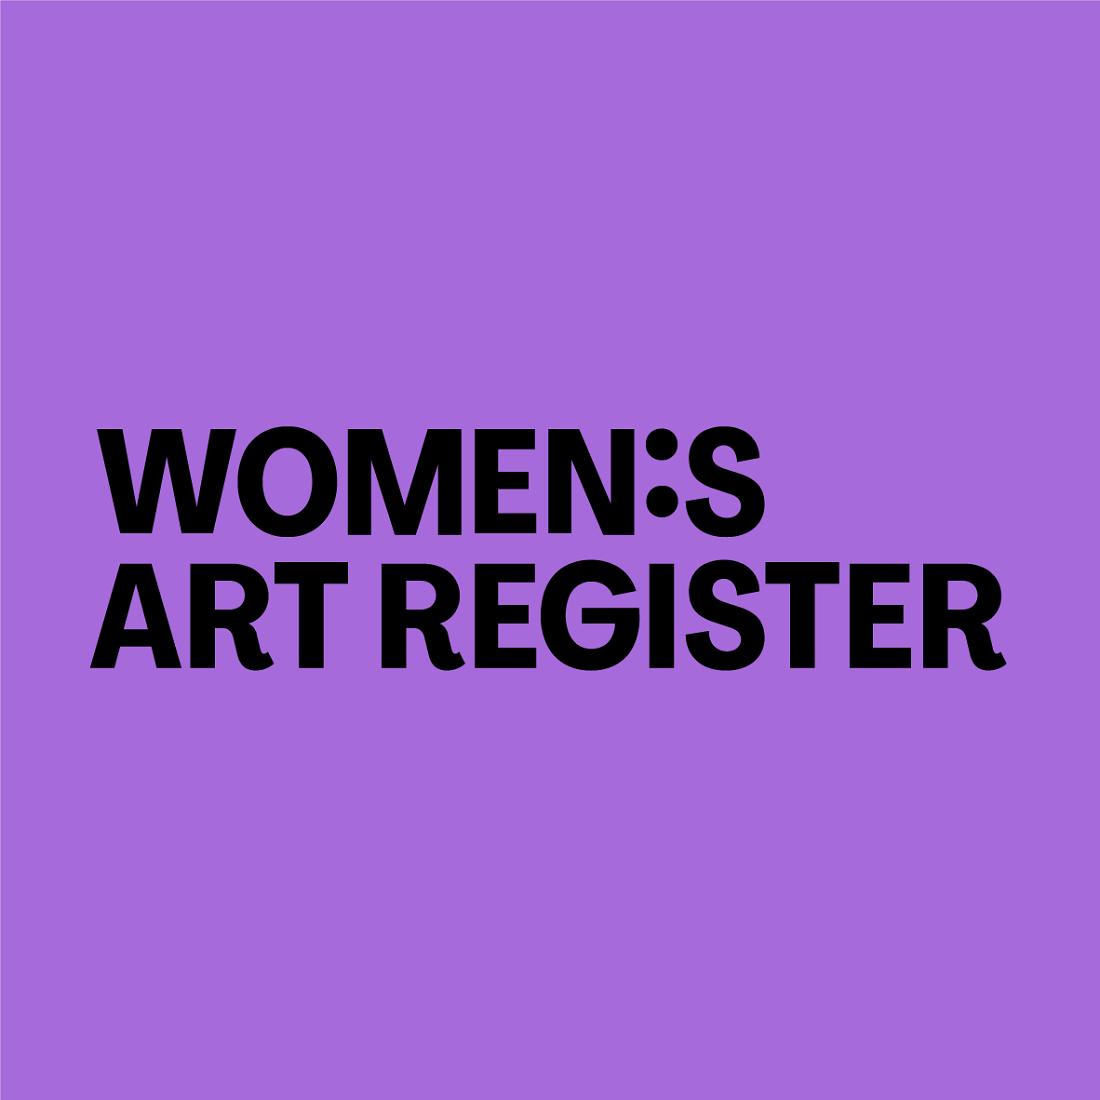 https://www.womensartregister.org